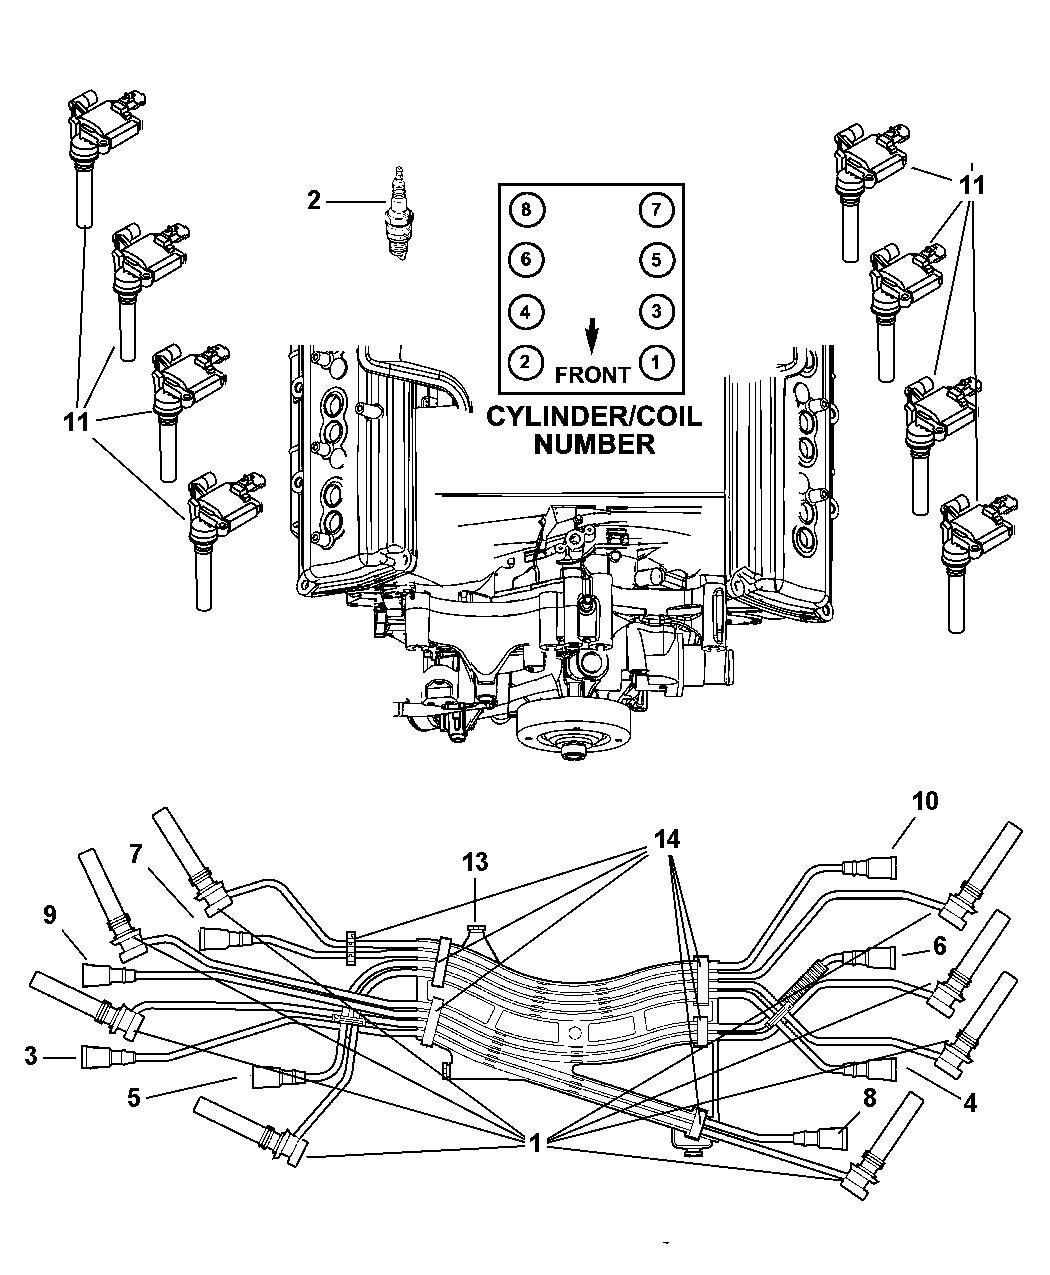 Spark Plug Wiring Diagram 2004 Dodge Ram Hemi Wire Efcaviation New Within